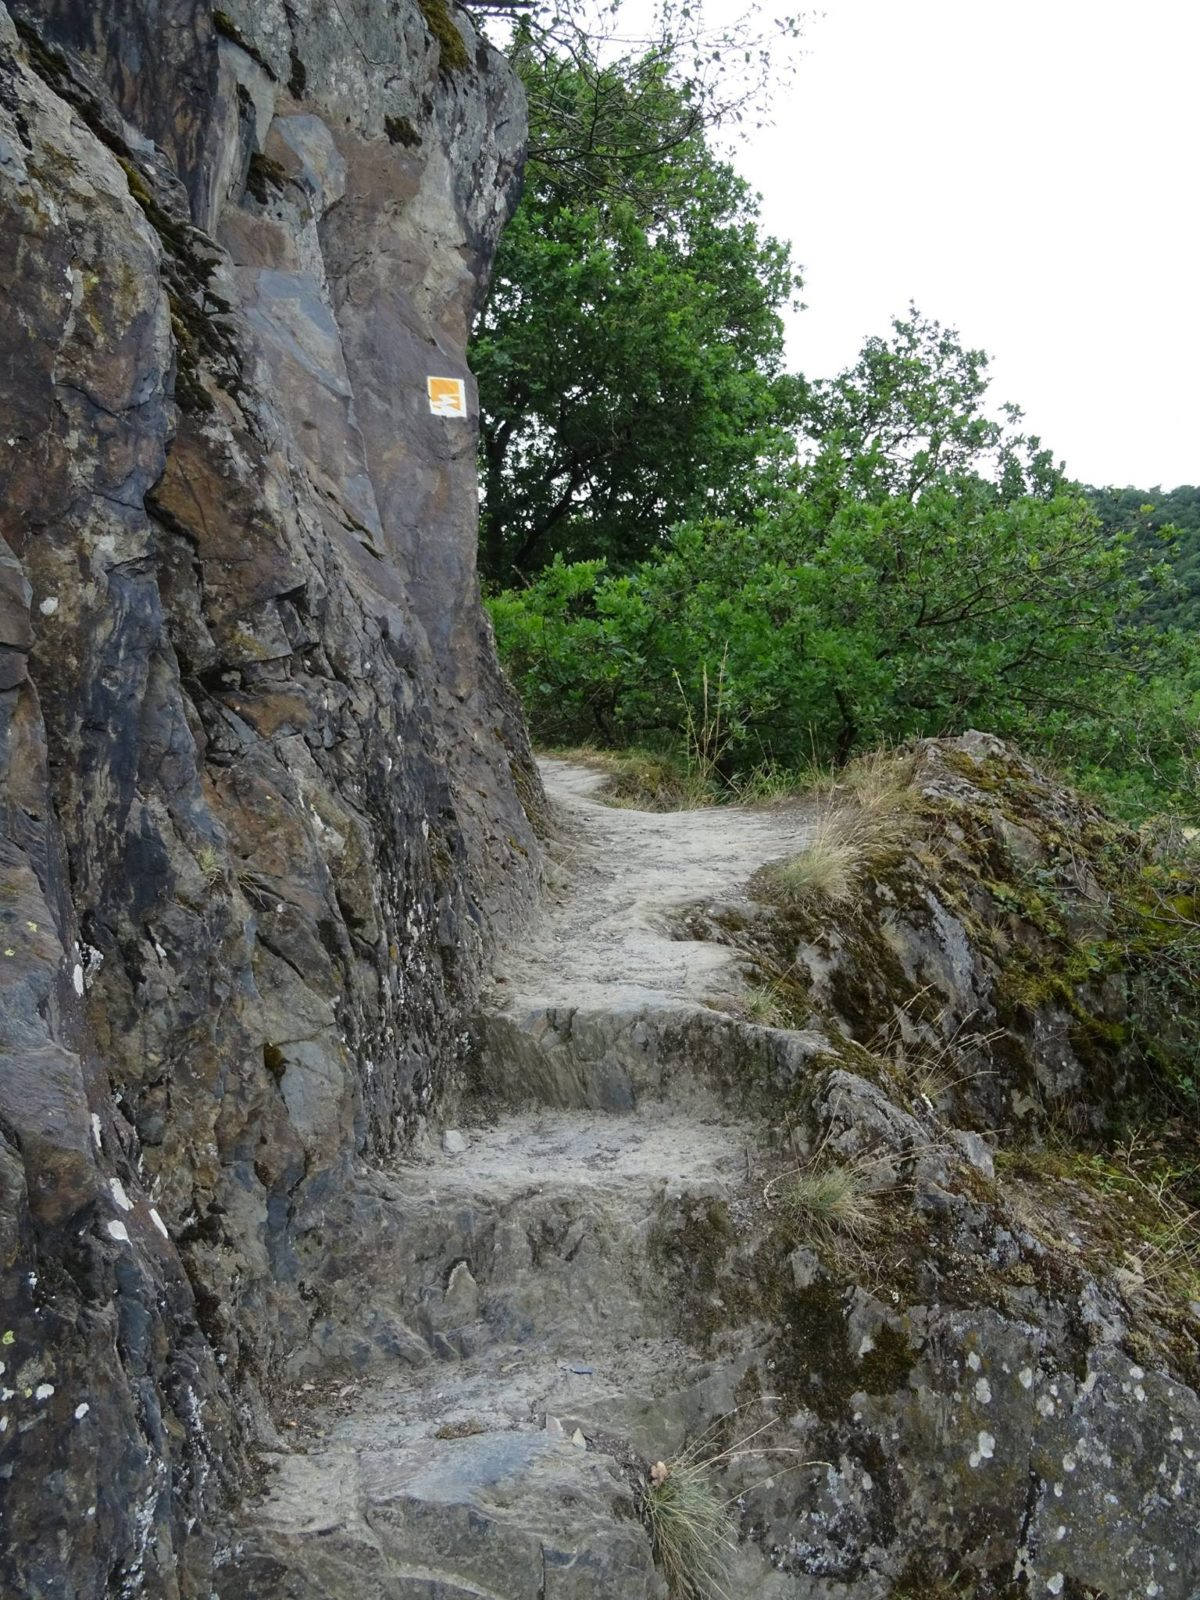 Traumpfad Nette-Schieferpfad